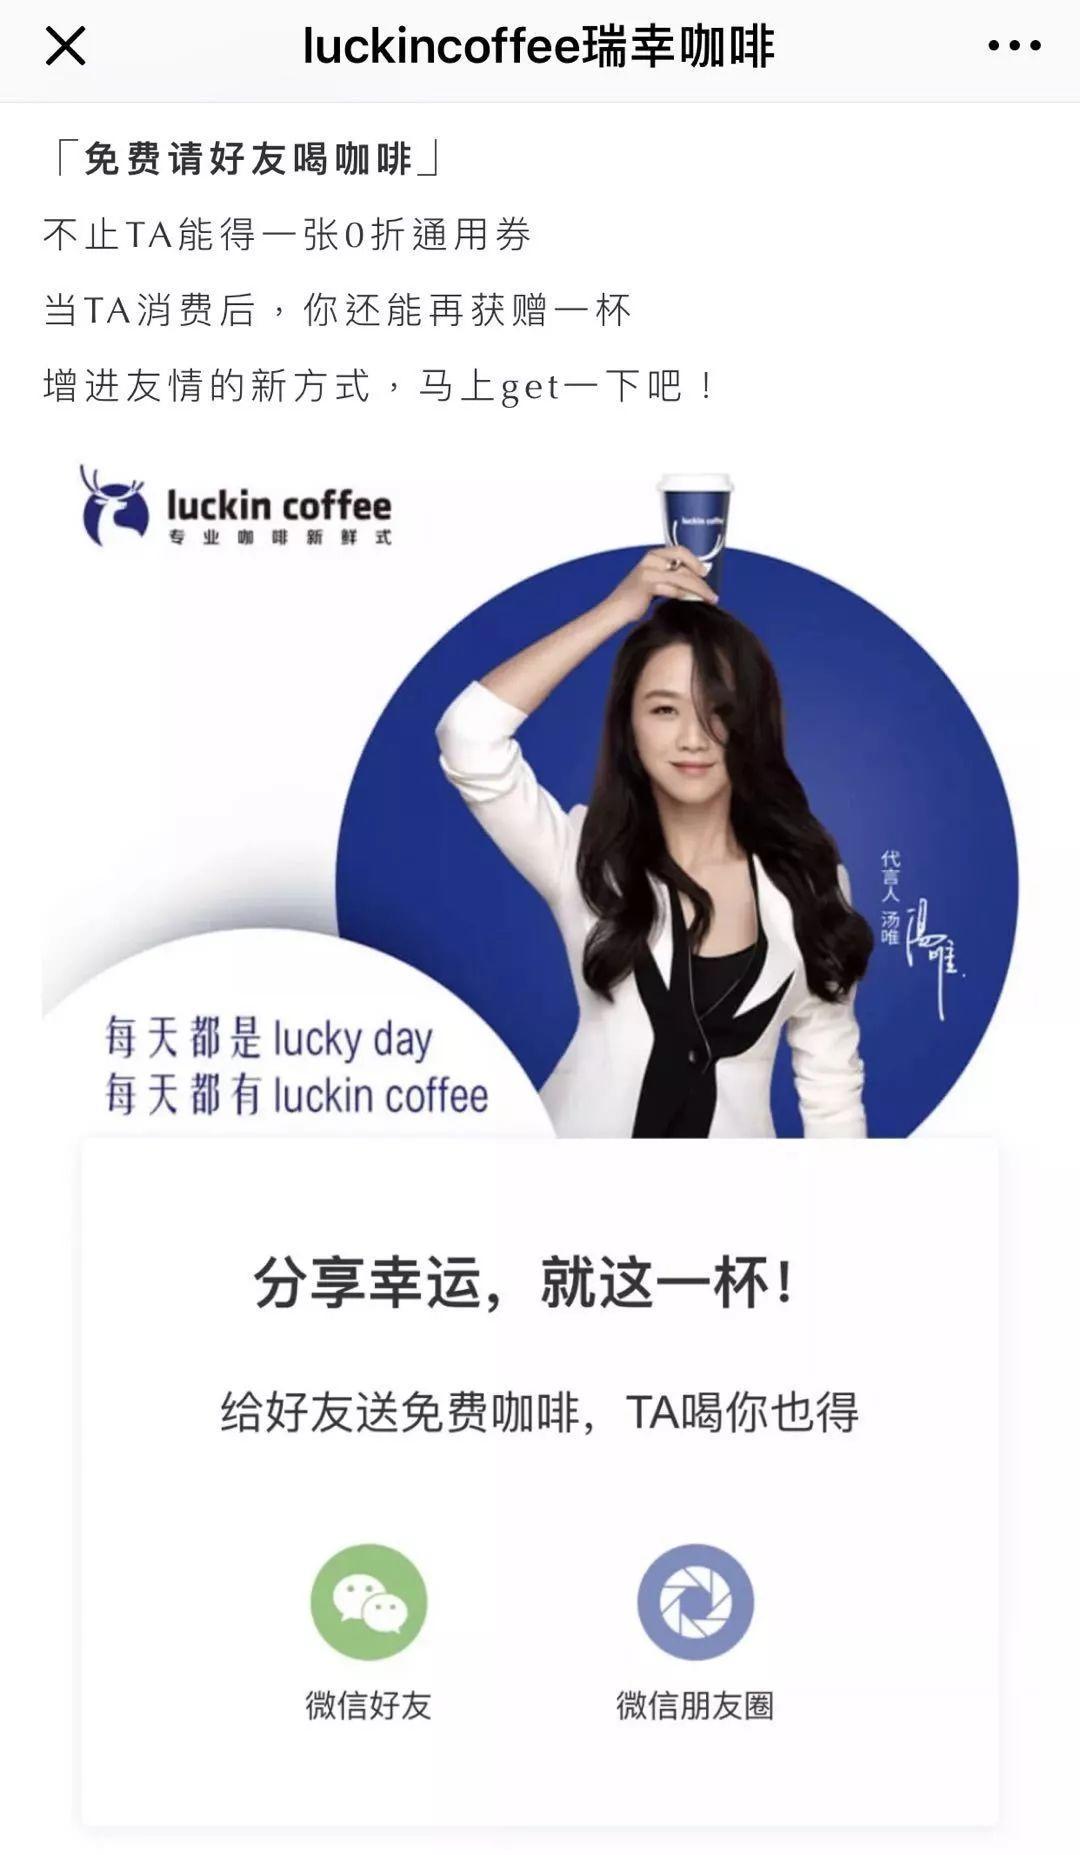 """颠覆传统,迅速蹿""""蓝""""的lukcin coffee有哪些营销之道?"""